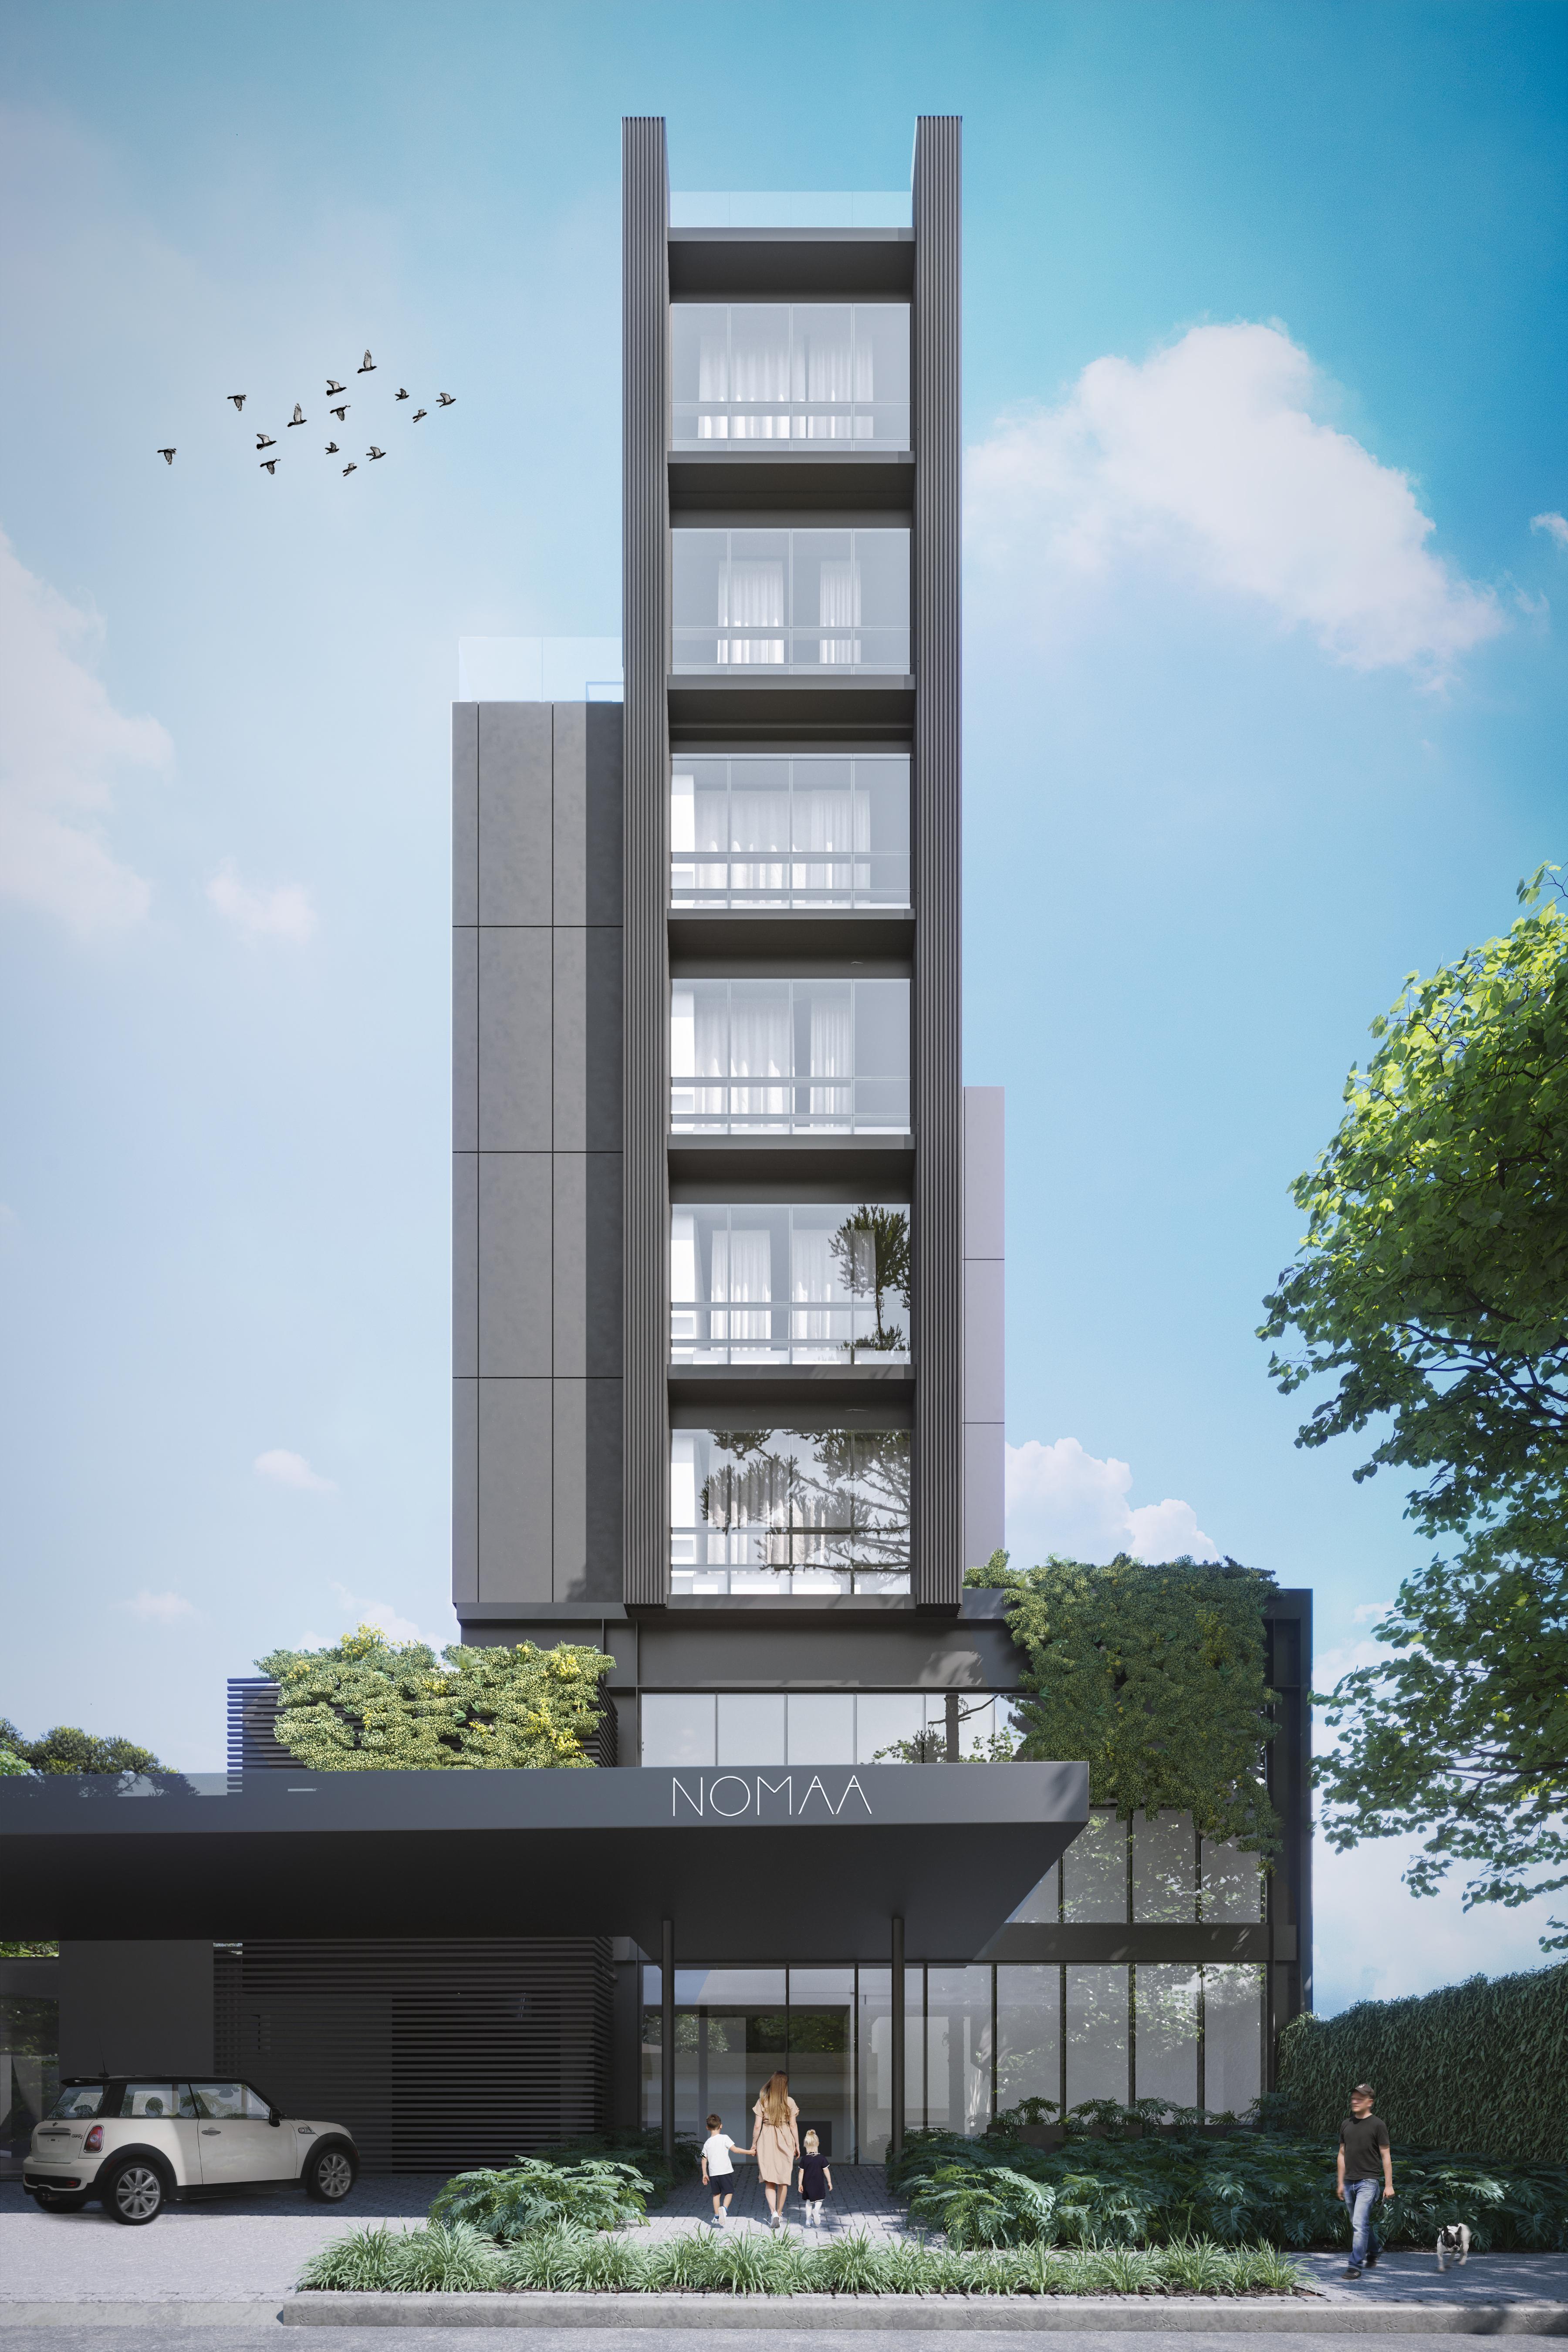 Projeto arquitetônico é da Smolka Arquitetura com interiores assinados por Fernanda Cassou.